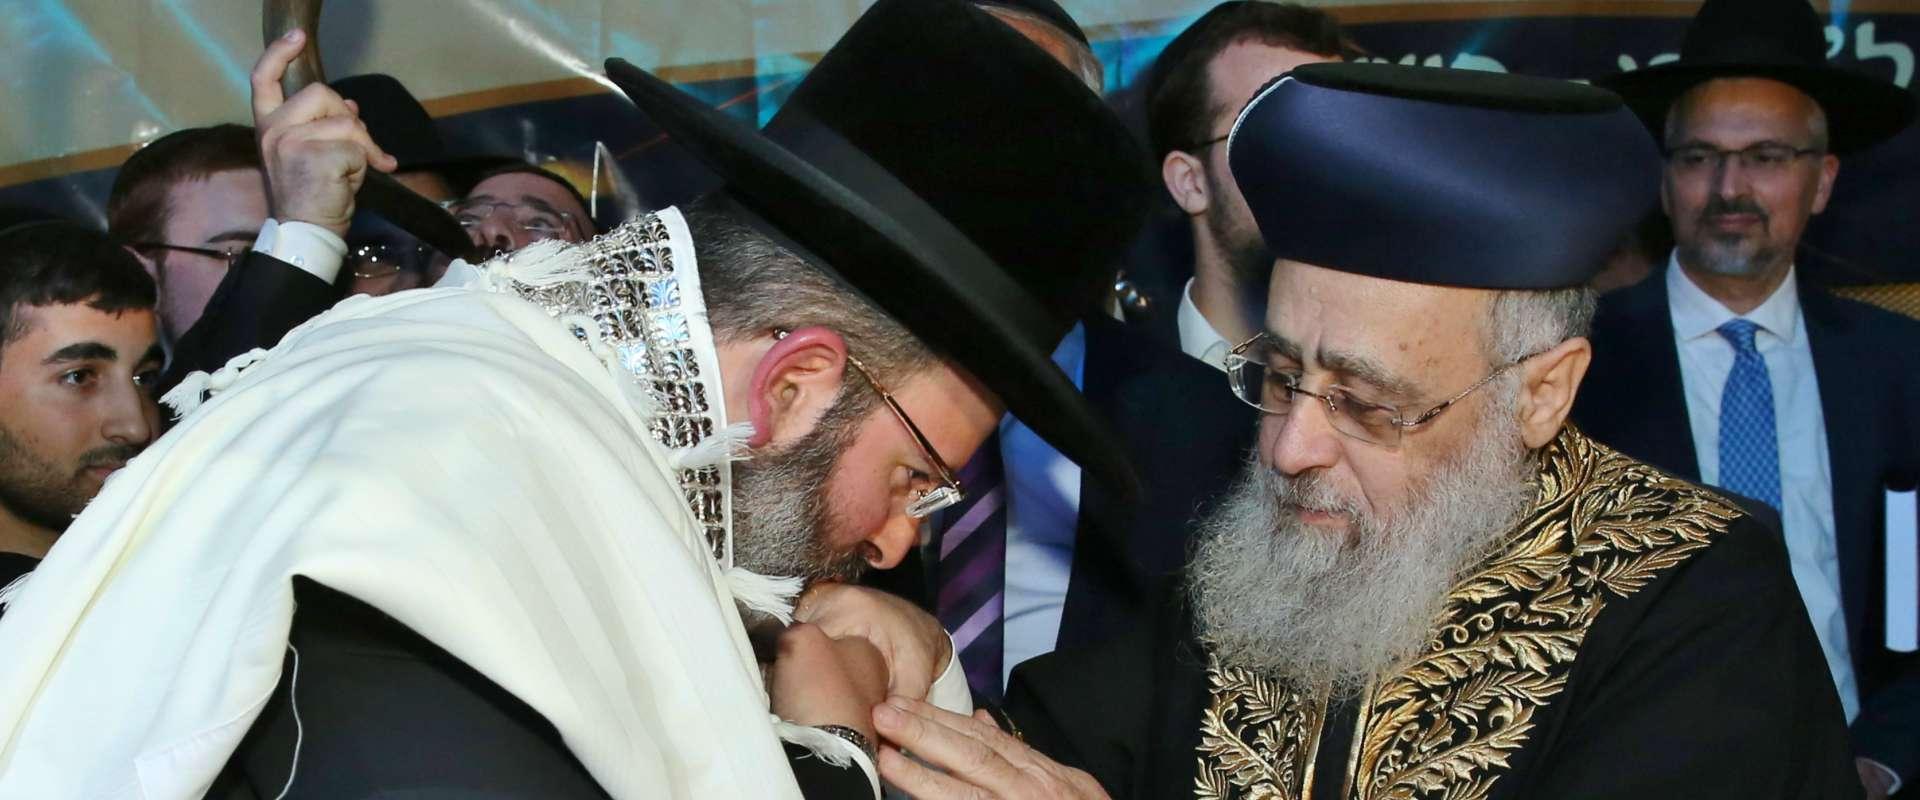 הרב הראשי יצחק יוסף עם רב העיר נשר